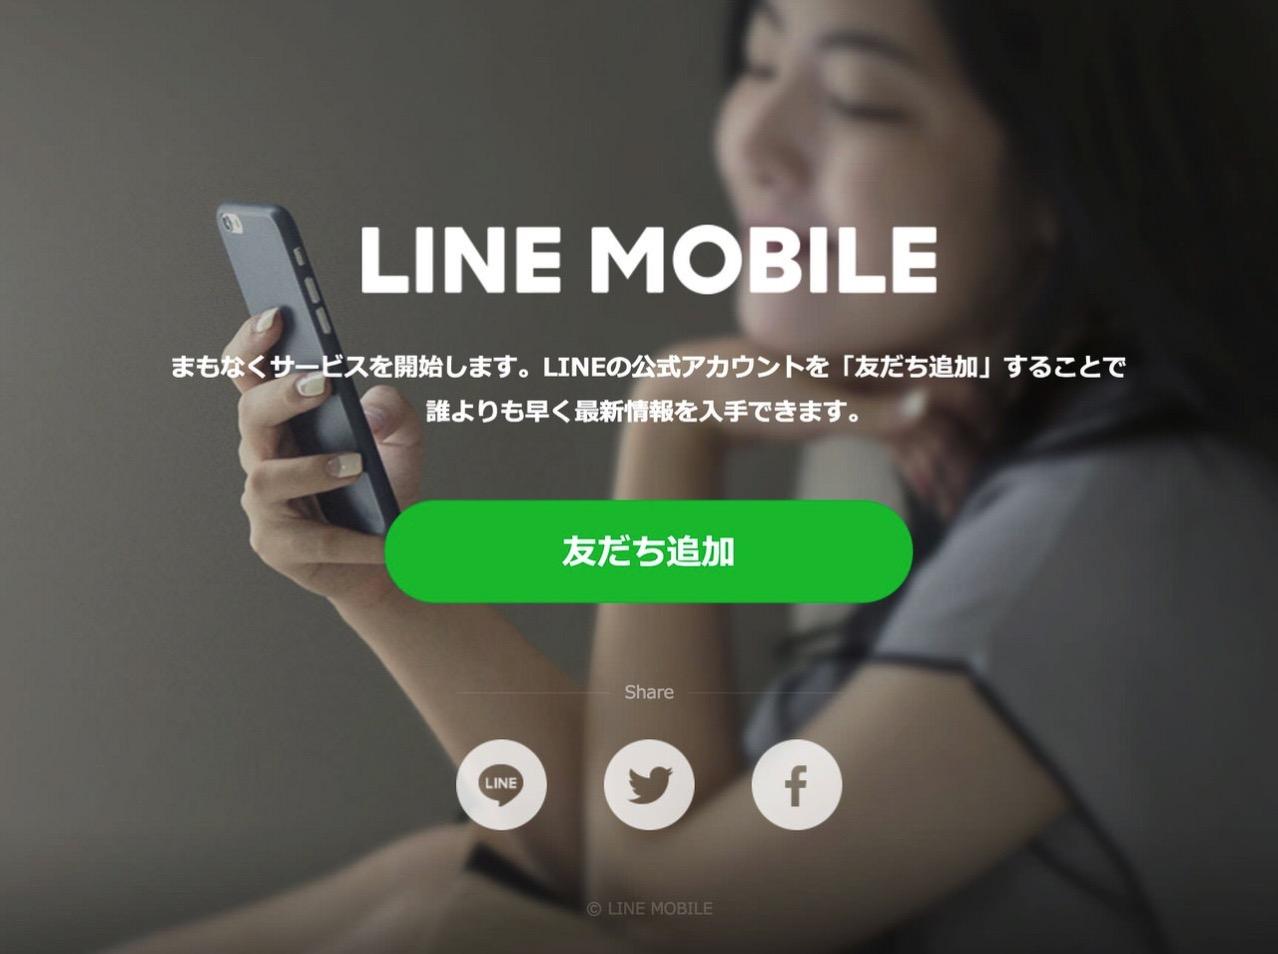 「LINE MOBILE」LINEの格安SIMサービスのティザーサイト公開